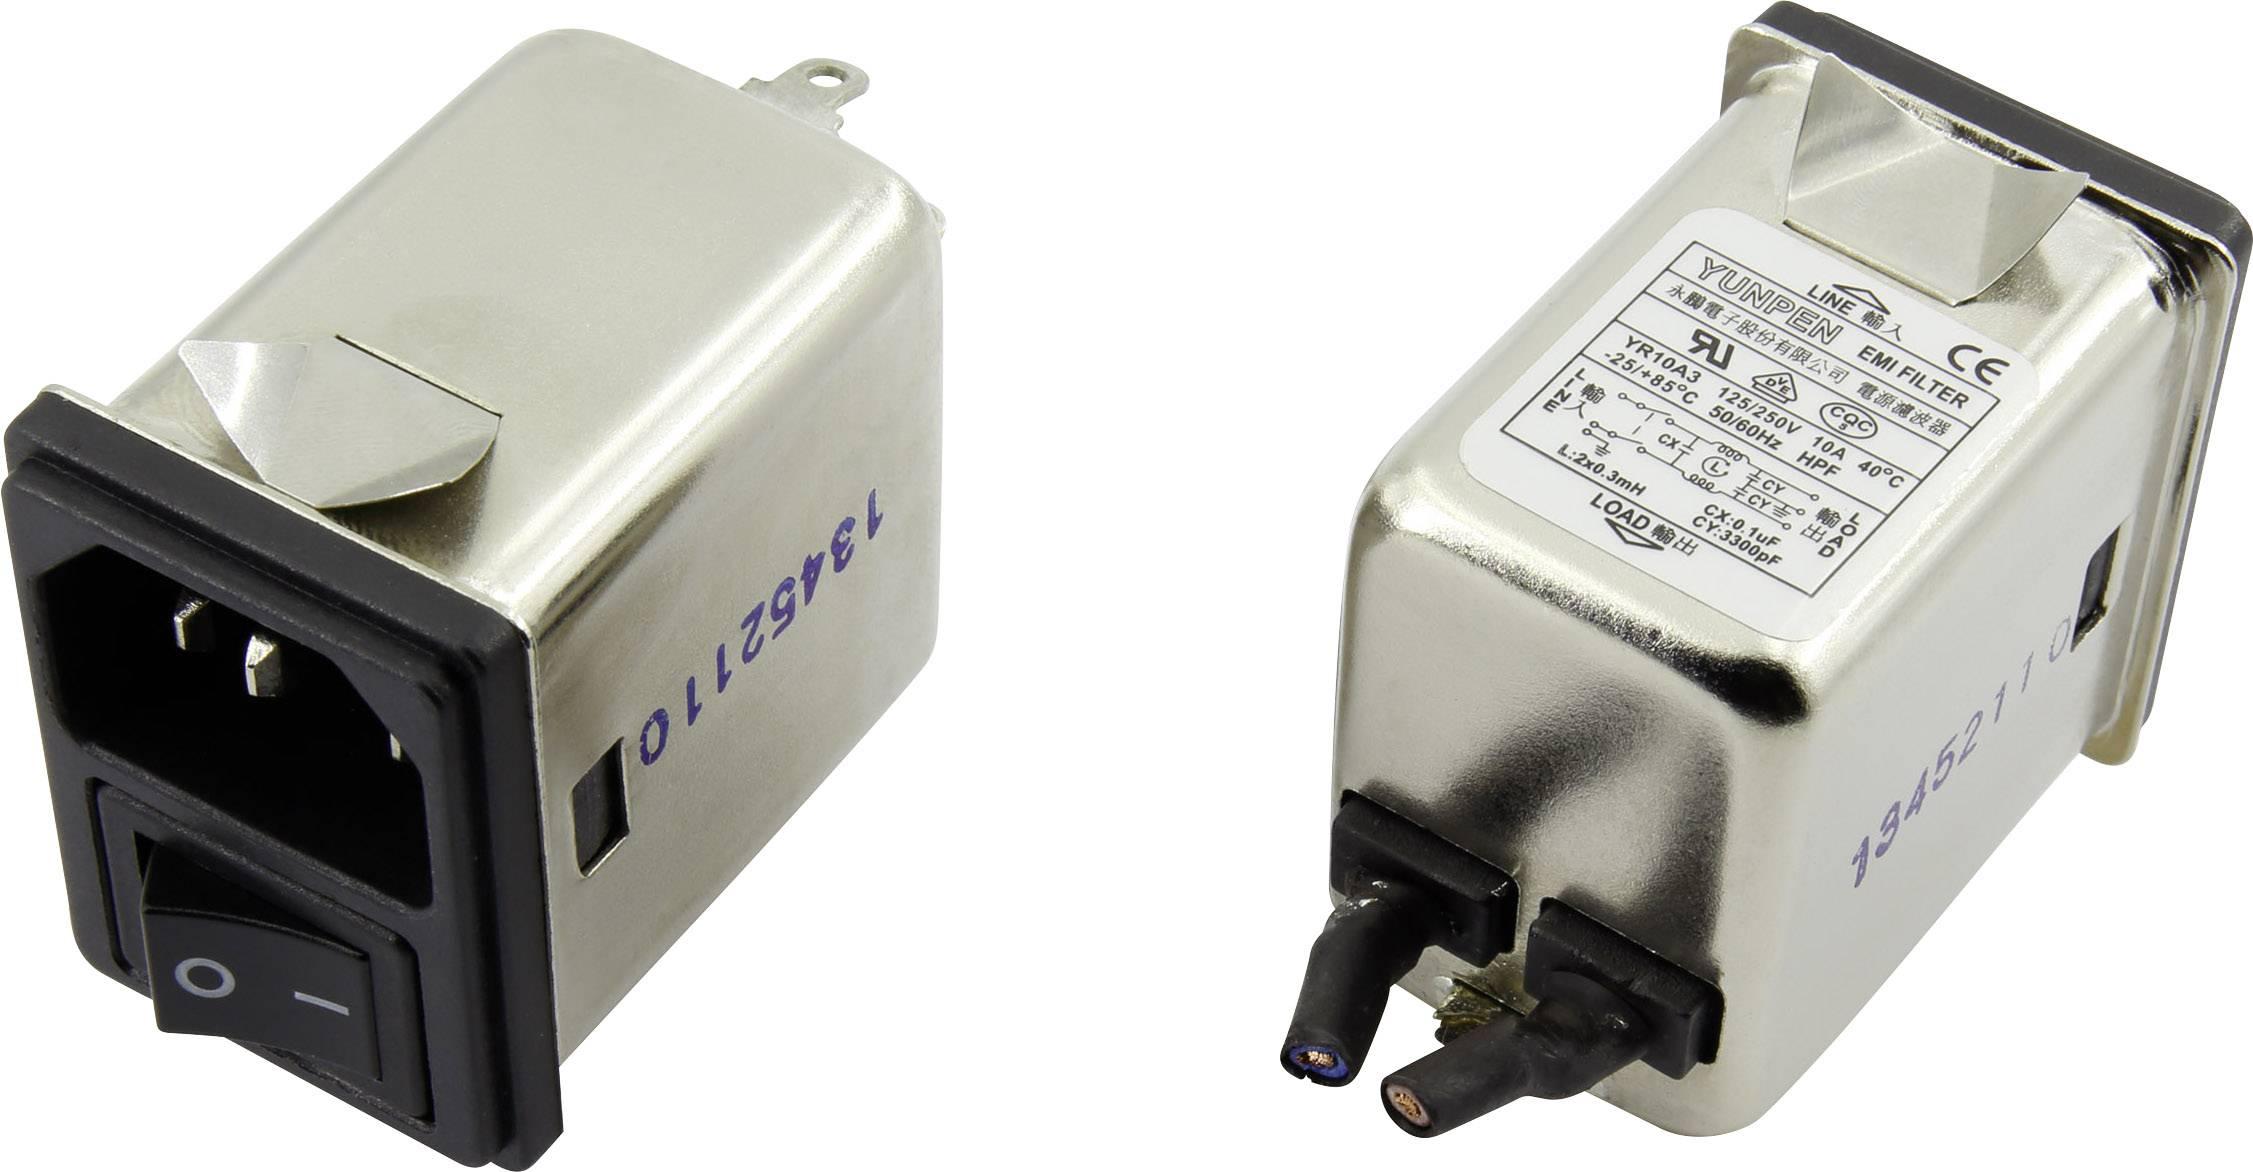 Odrušovací filtr Yunpen YR10A3, se spínačem, s IEC zásuvkou 250 V/AC, 10 A, 0.3 mH, (d x š x v) 41.1 x 31.6 x 56 mm, 1 ks